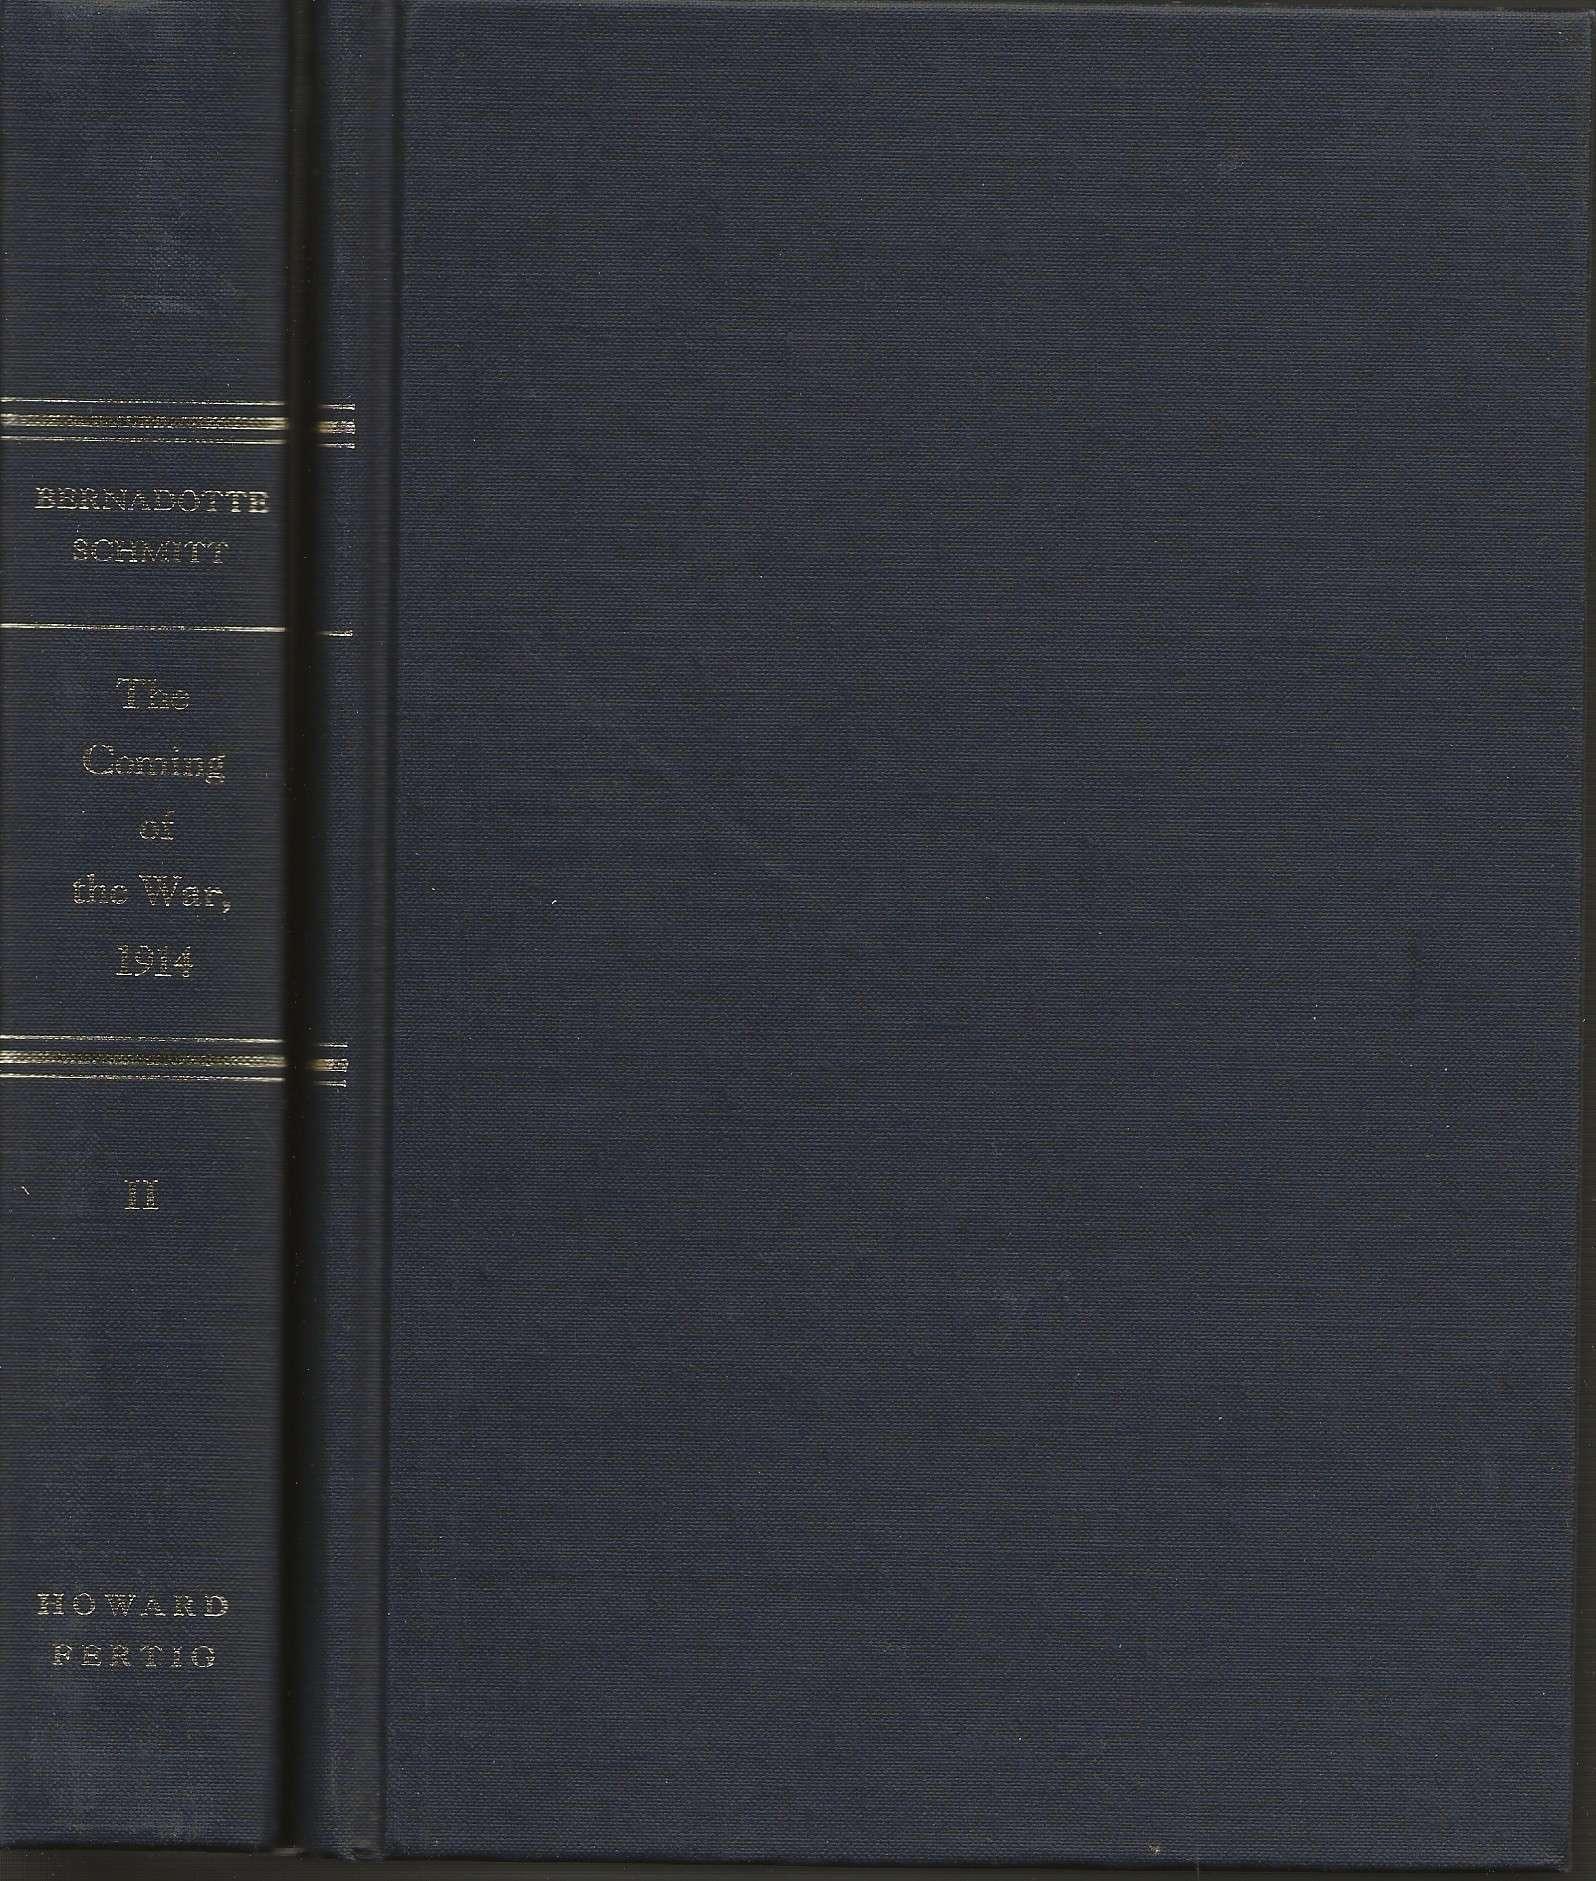 The Coming of the War 1914 Volumes I & II, Bernadotte E. Schmitt